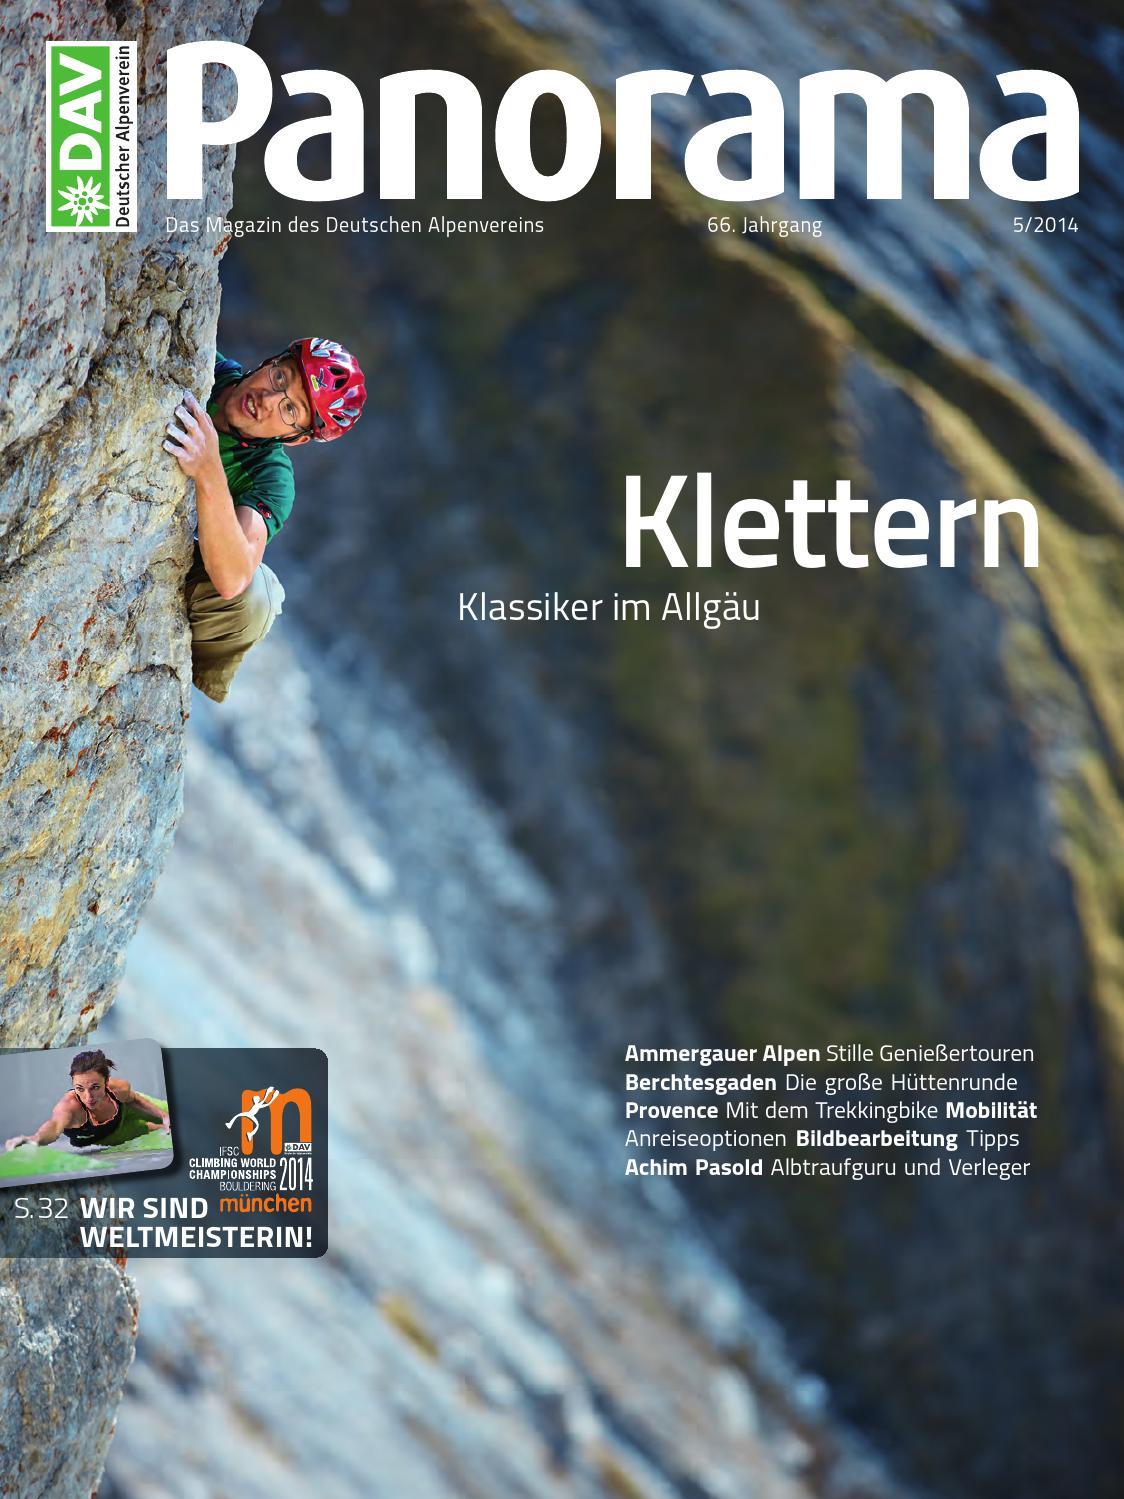 DAV Panorama 5/2014 by Deutscher Alpenverein e.V. - issuu